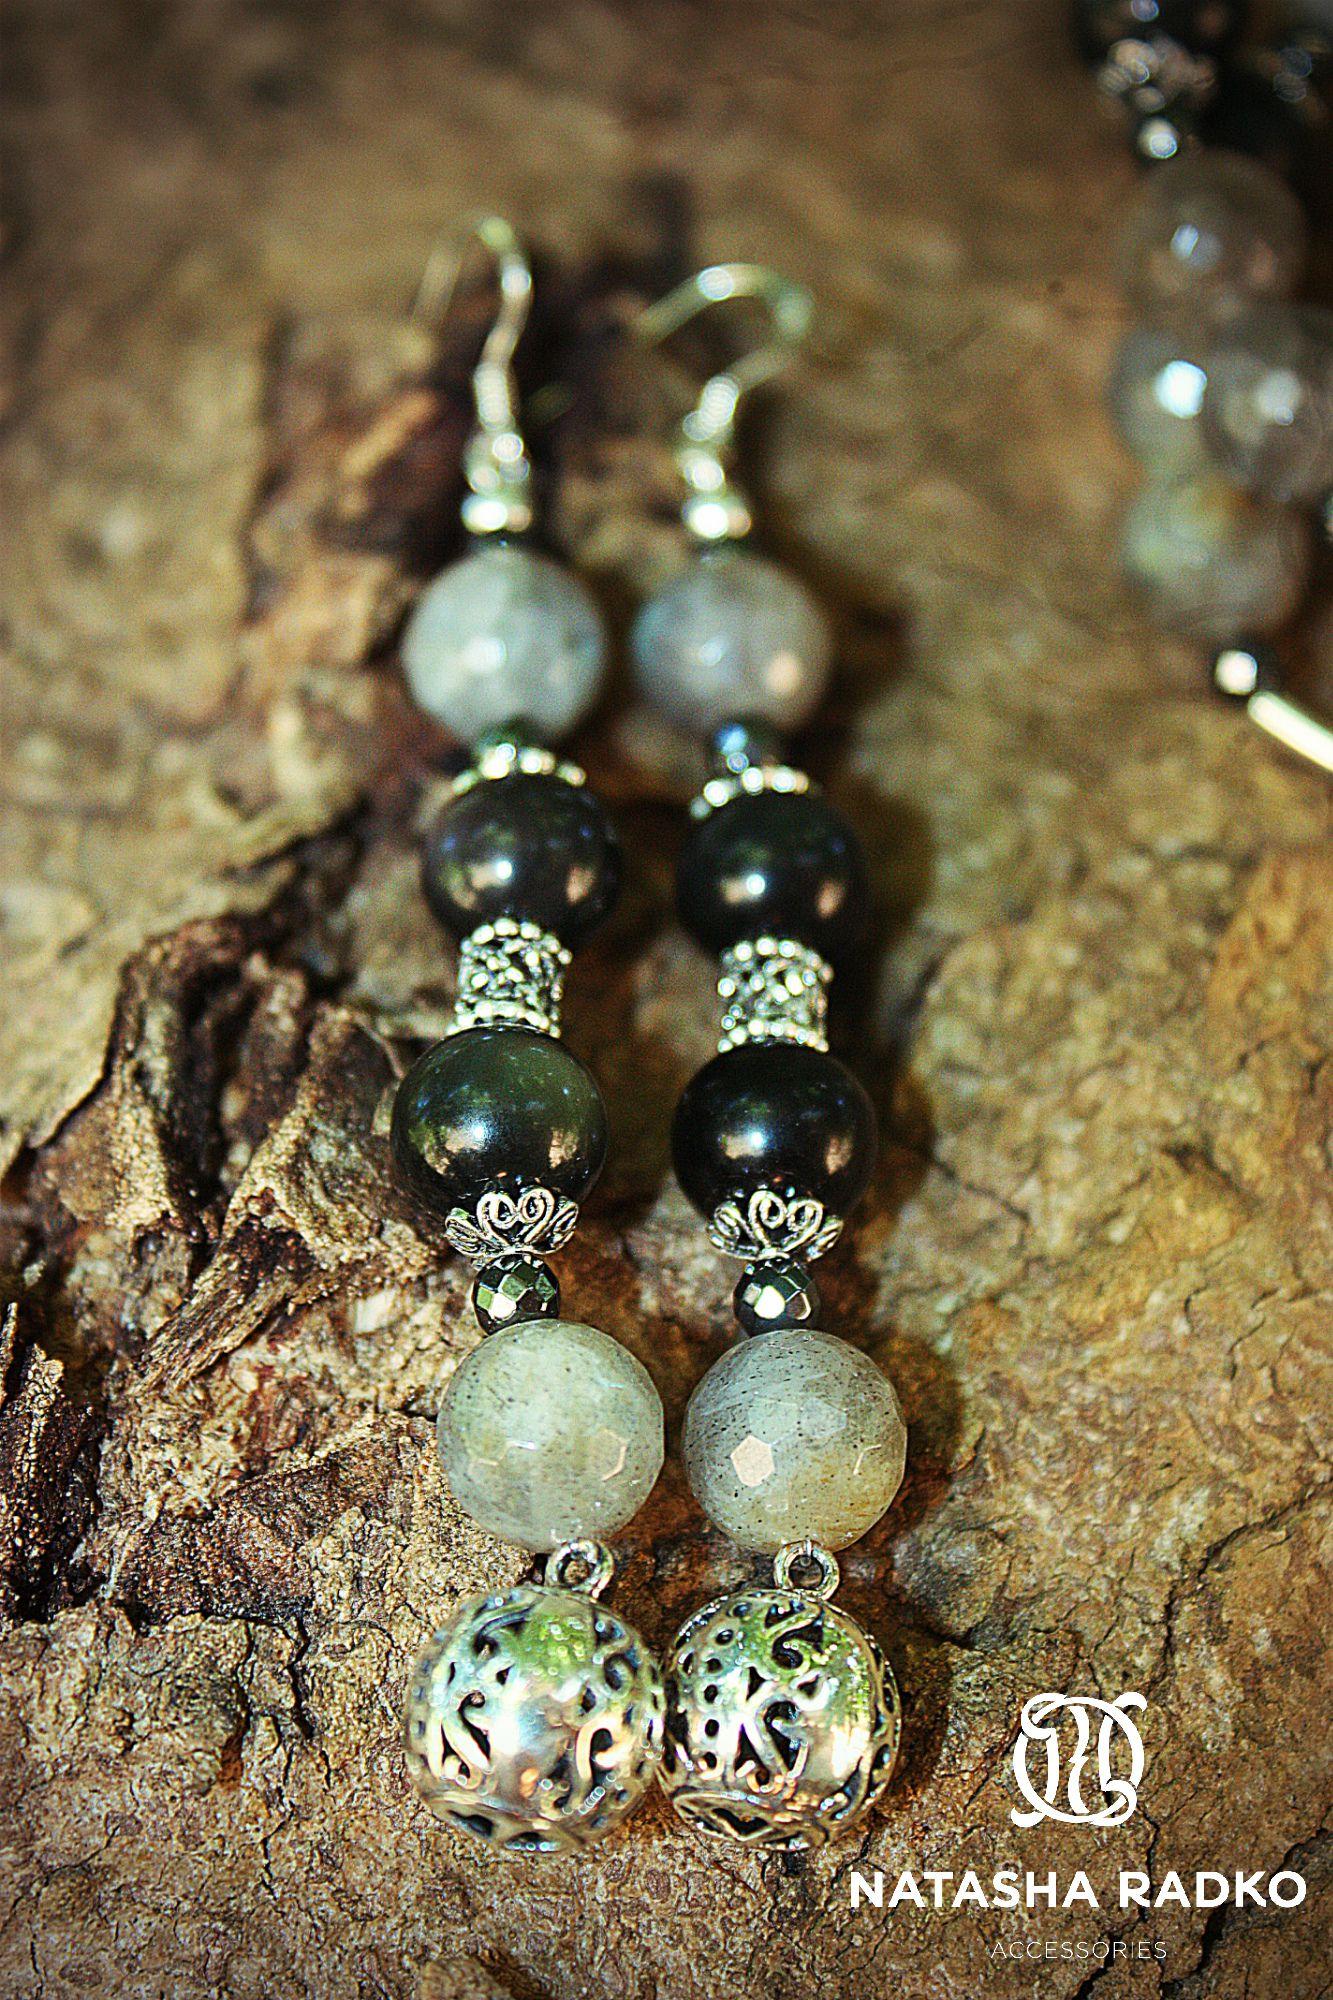 hawk's-eye set present earrings wristlet jewelry necklace labradorite